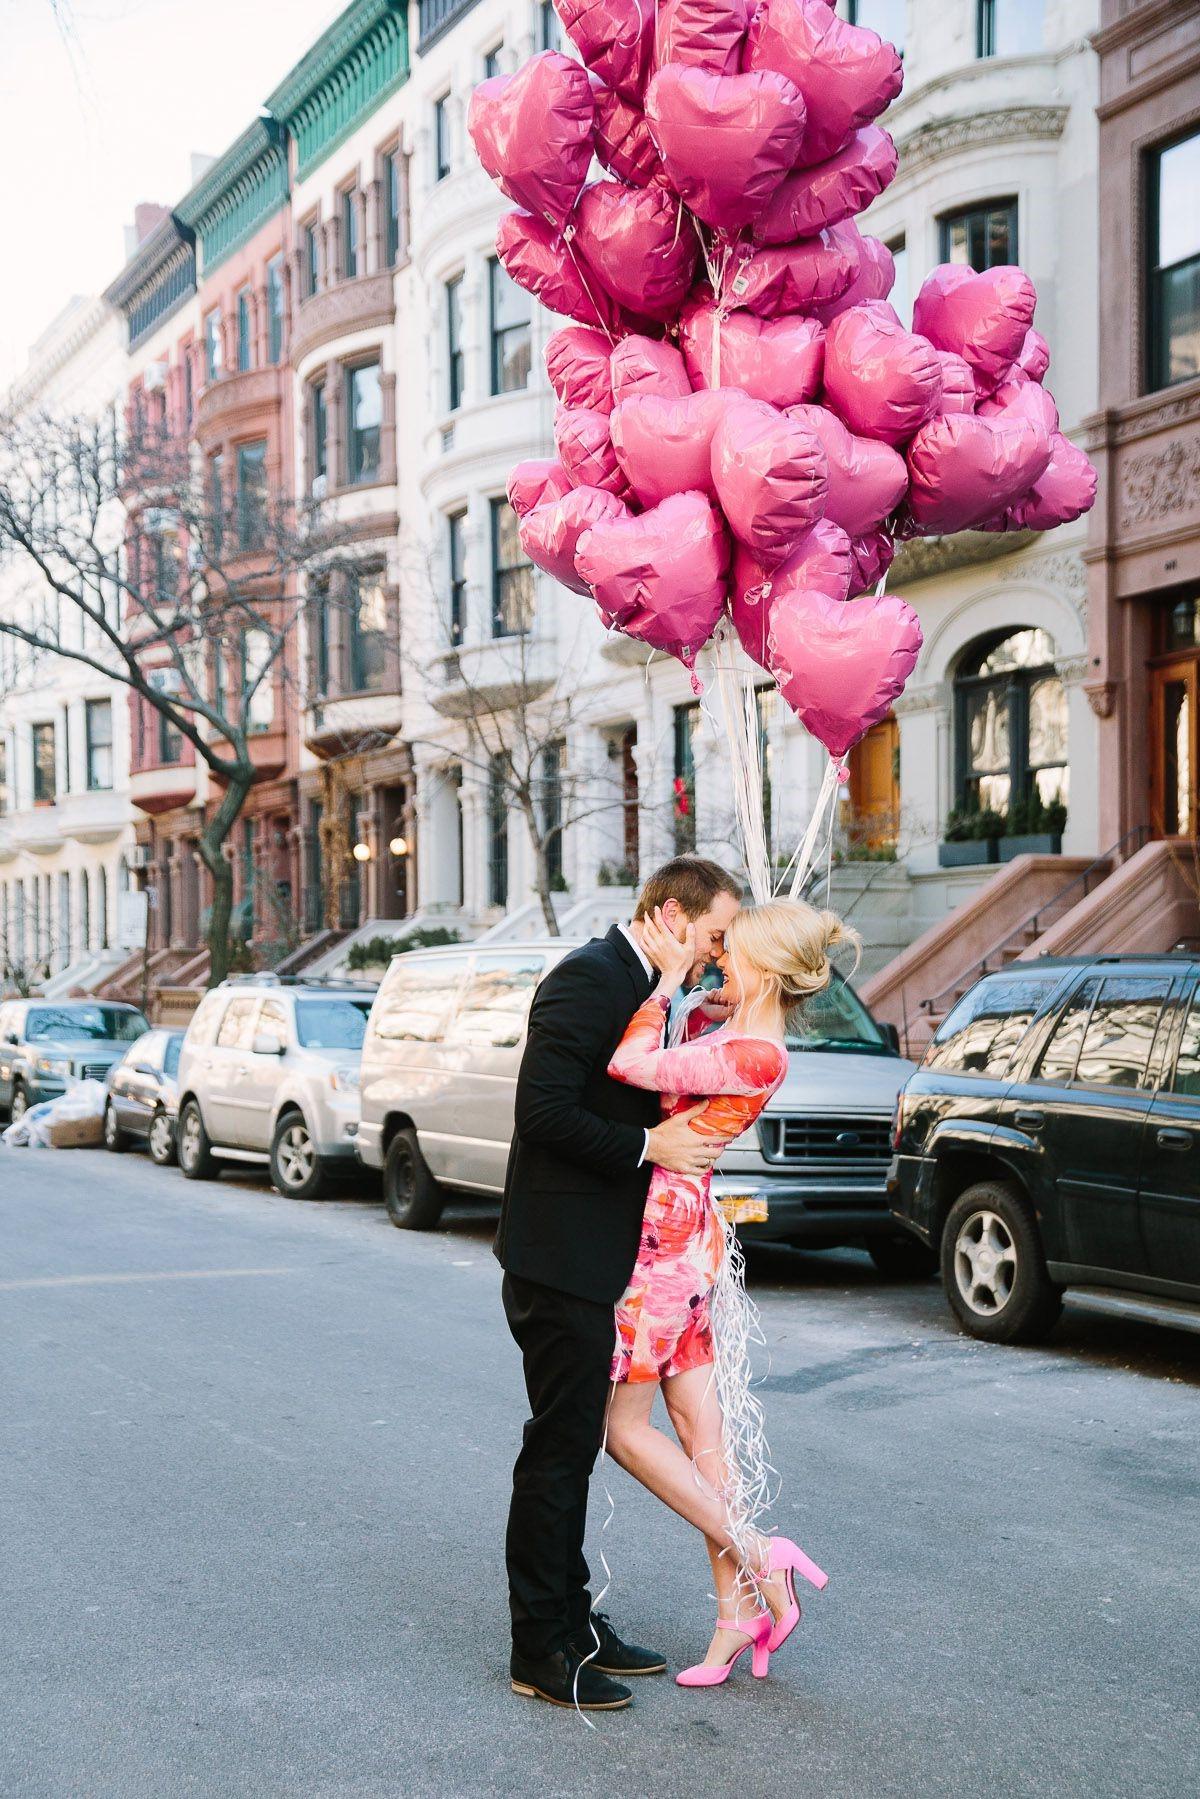 Surprise romantique.